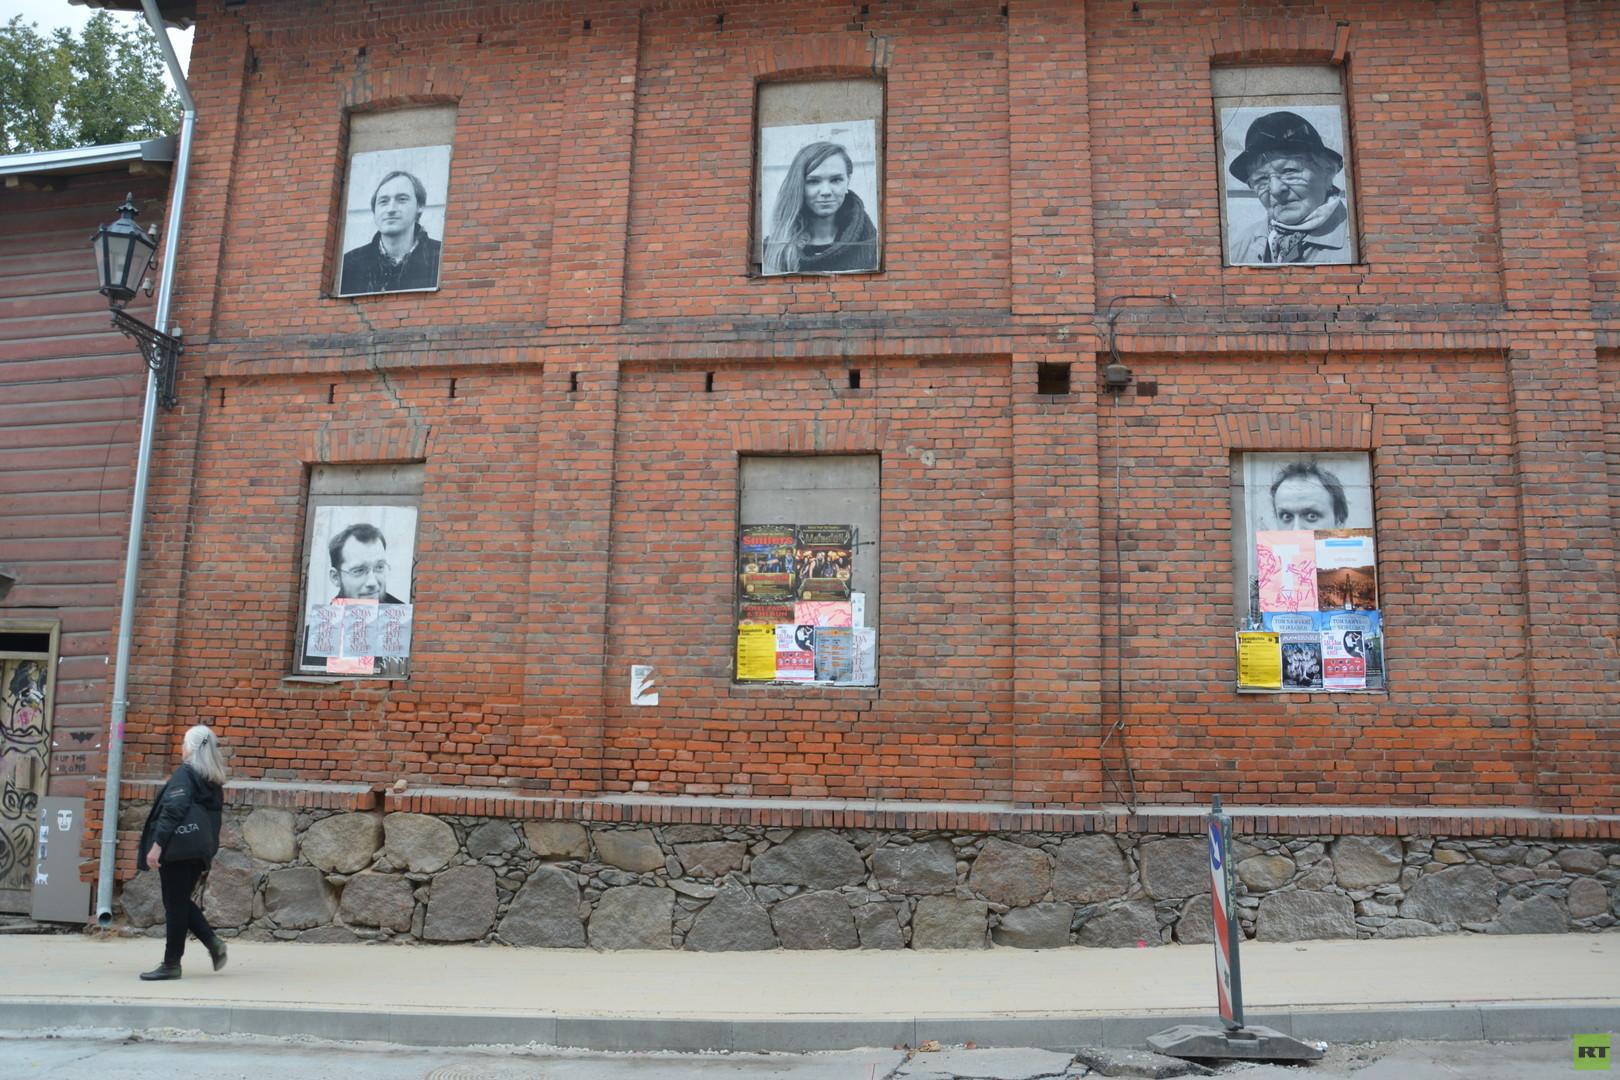 Estland – ein Land zwischen den Welten auf der Suche nach seiner neuen Identität